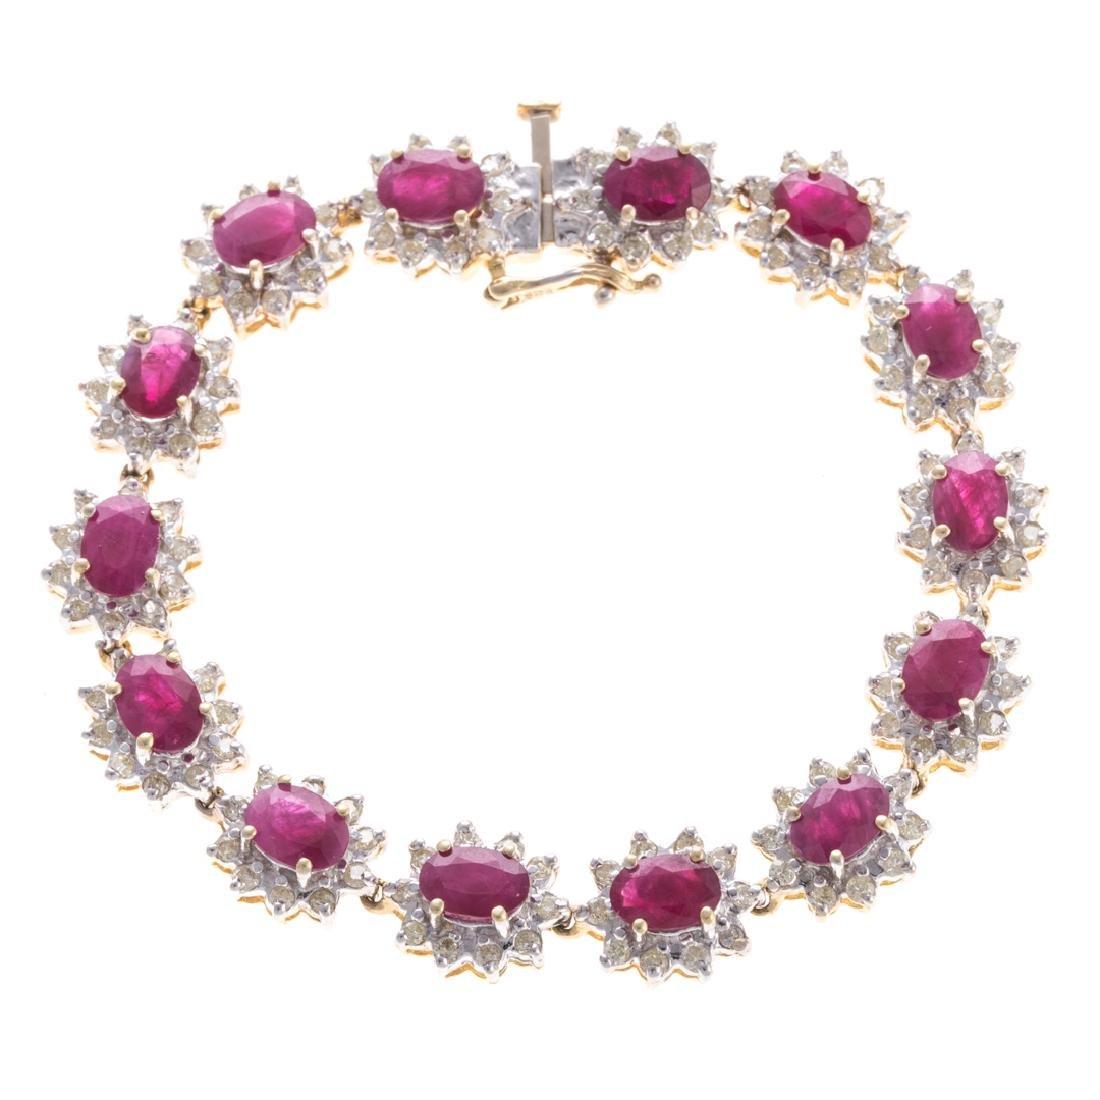 A Lady's Ruby & Diamond Bracelet in 14K Gold